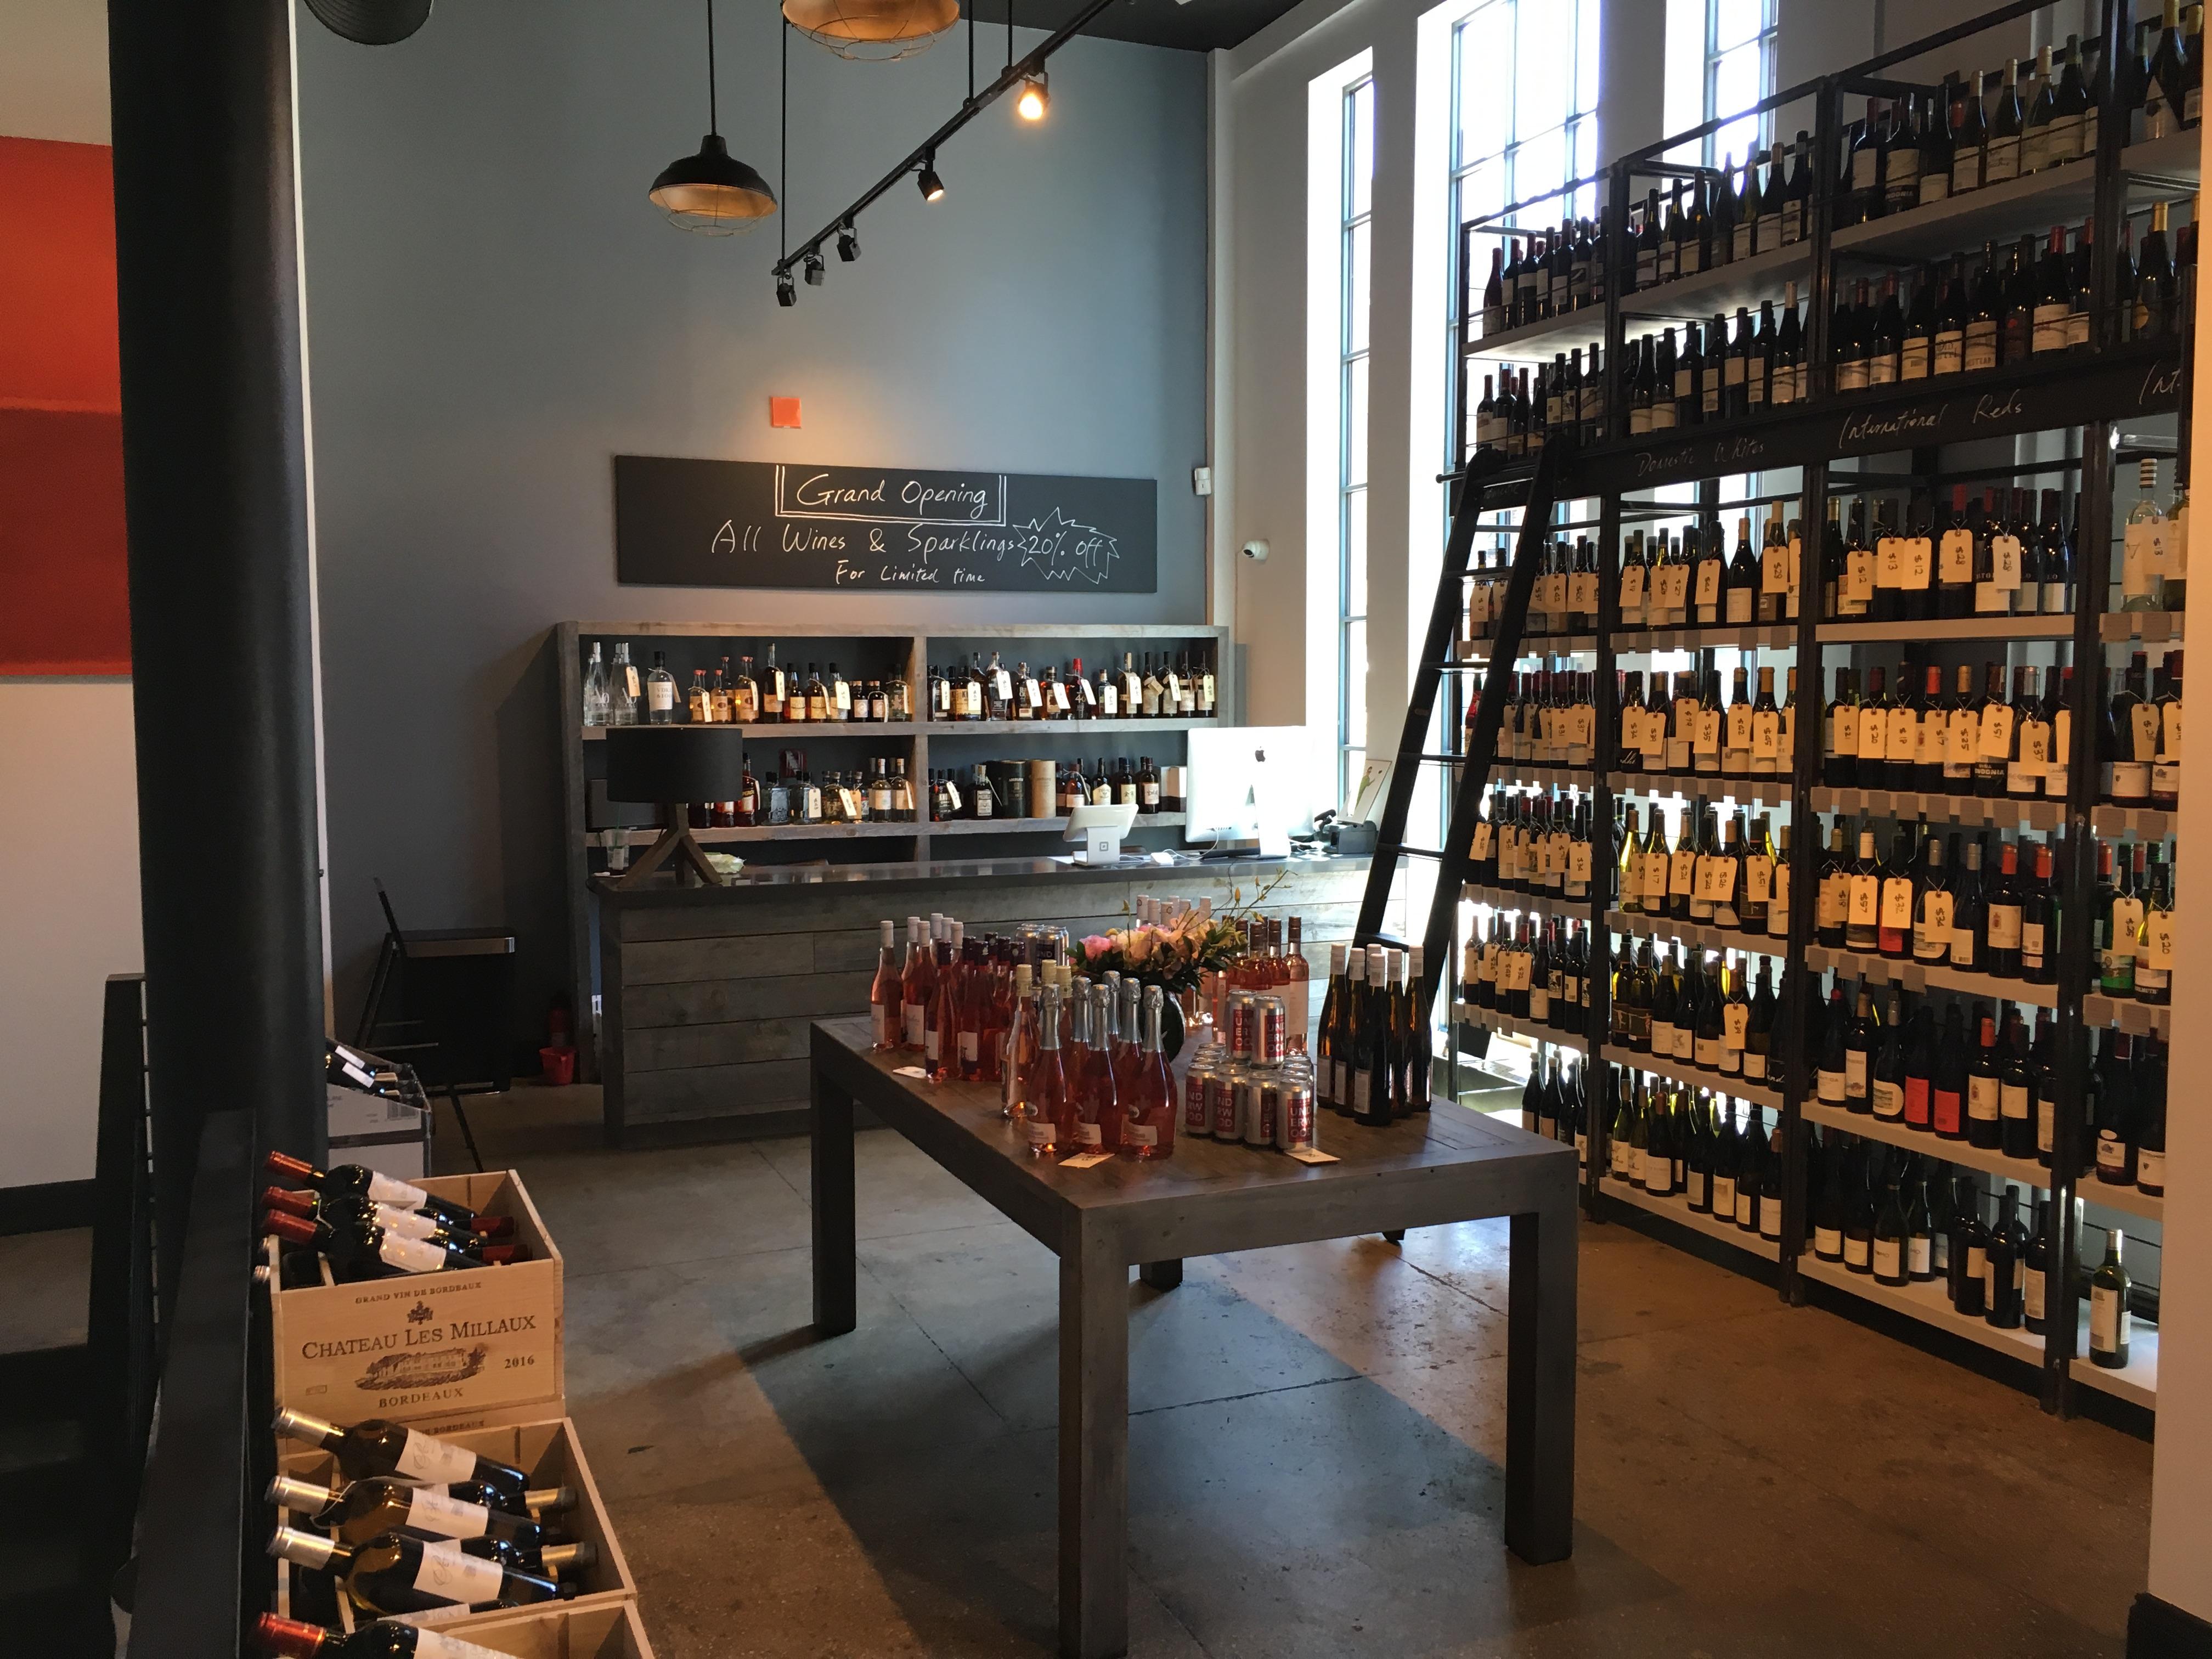 Little West Wine & Spirits